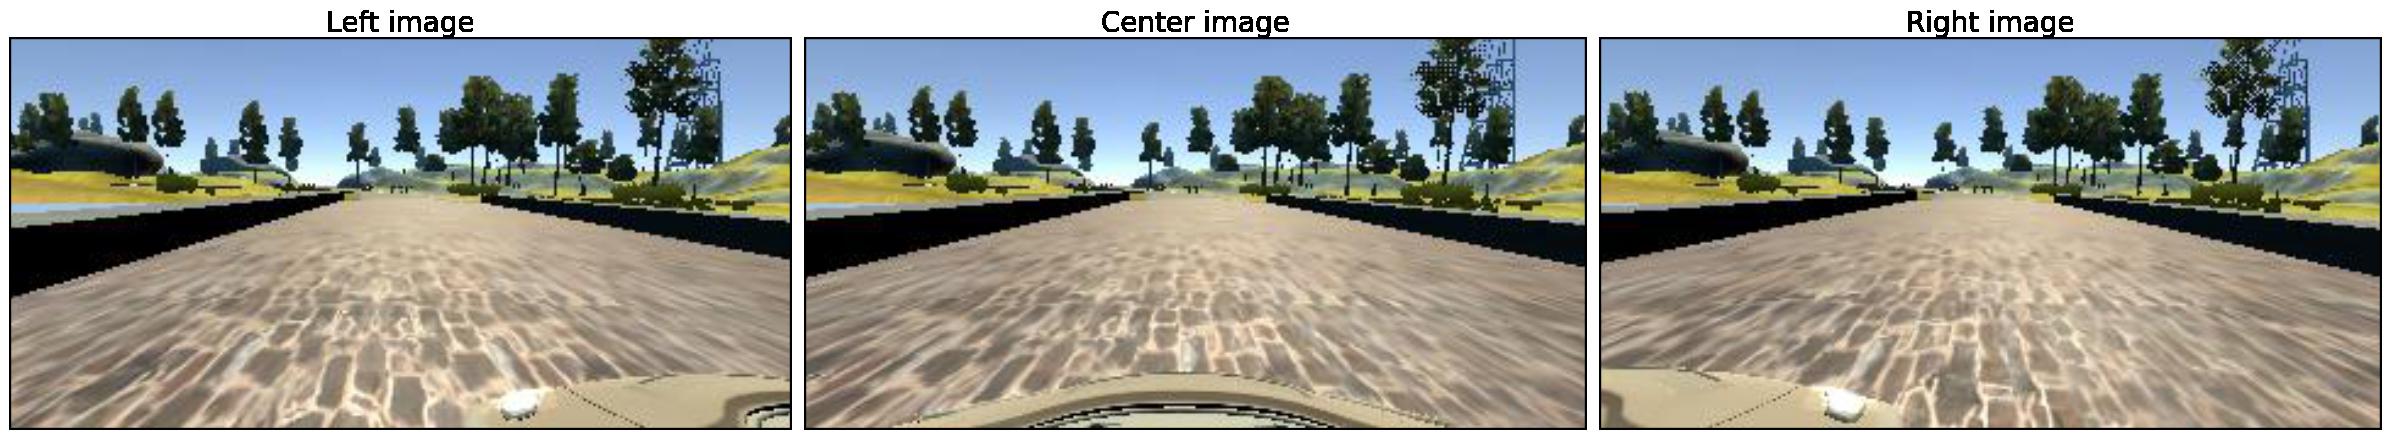 simulator_img.png